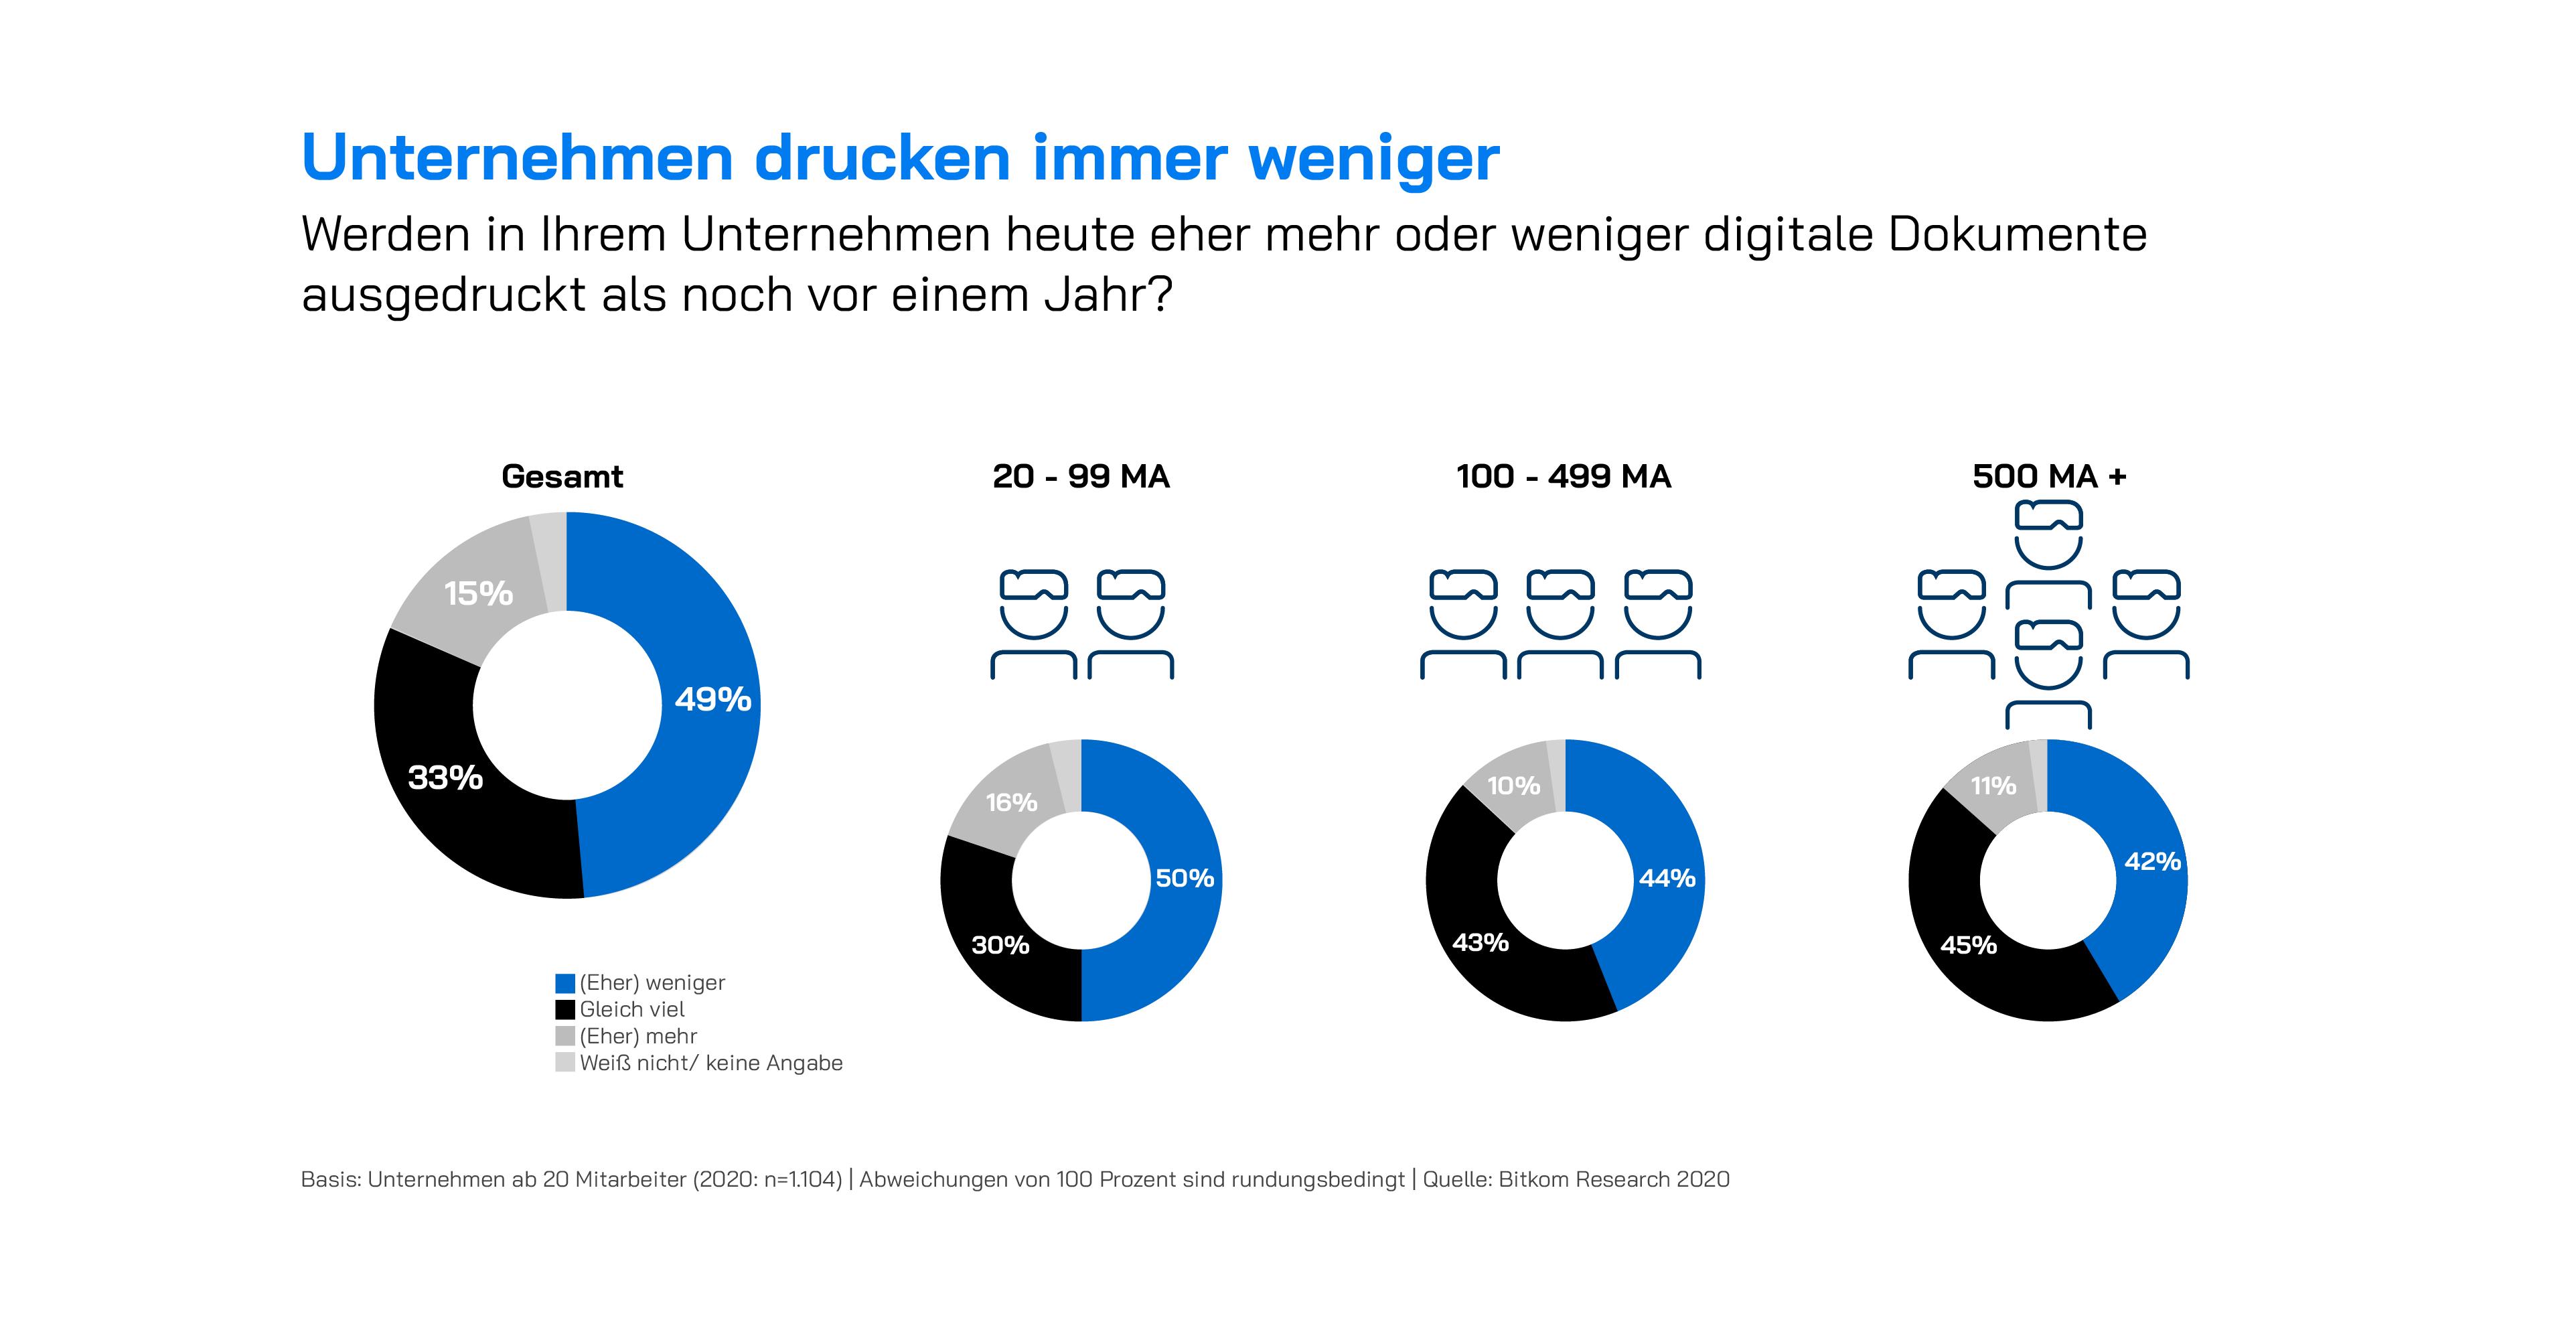 Infografik: Unternehmen drucken weniger